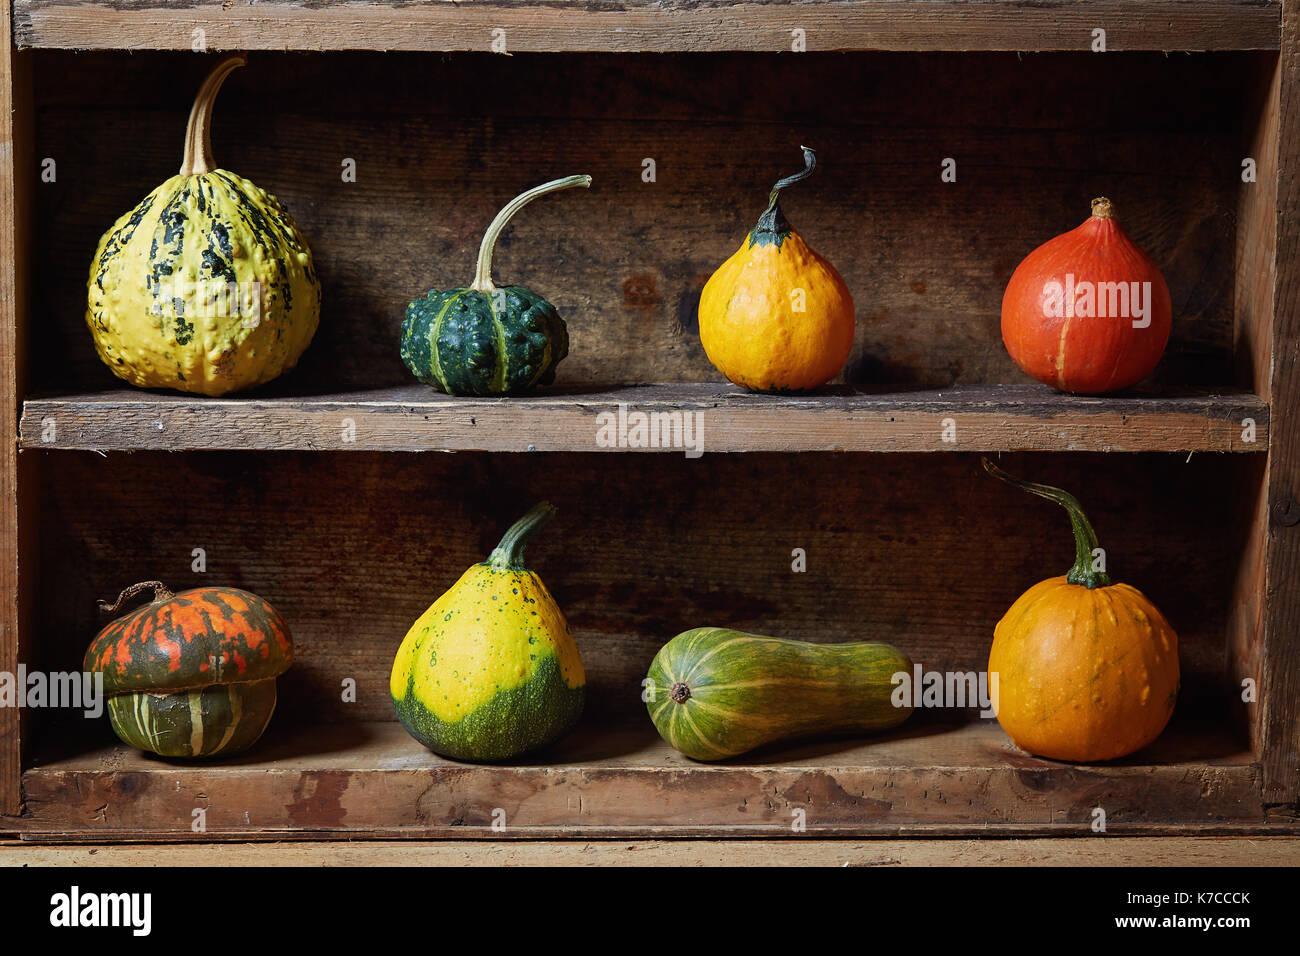 Assortiment de différents objets décoratifs et citrouilles comestibles sur la vieille planche en bois. still life with decorative gourd. Photo Stock